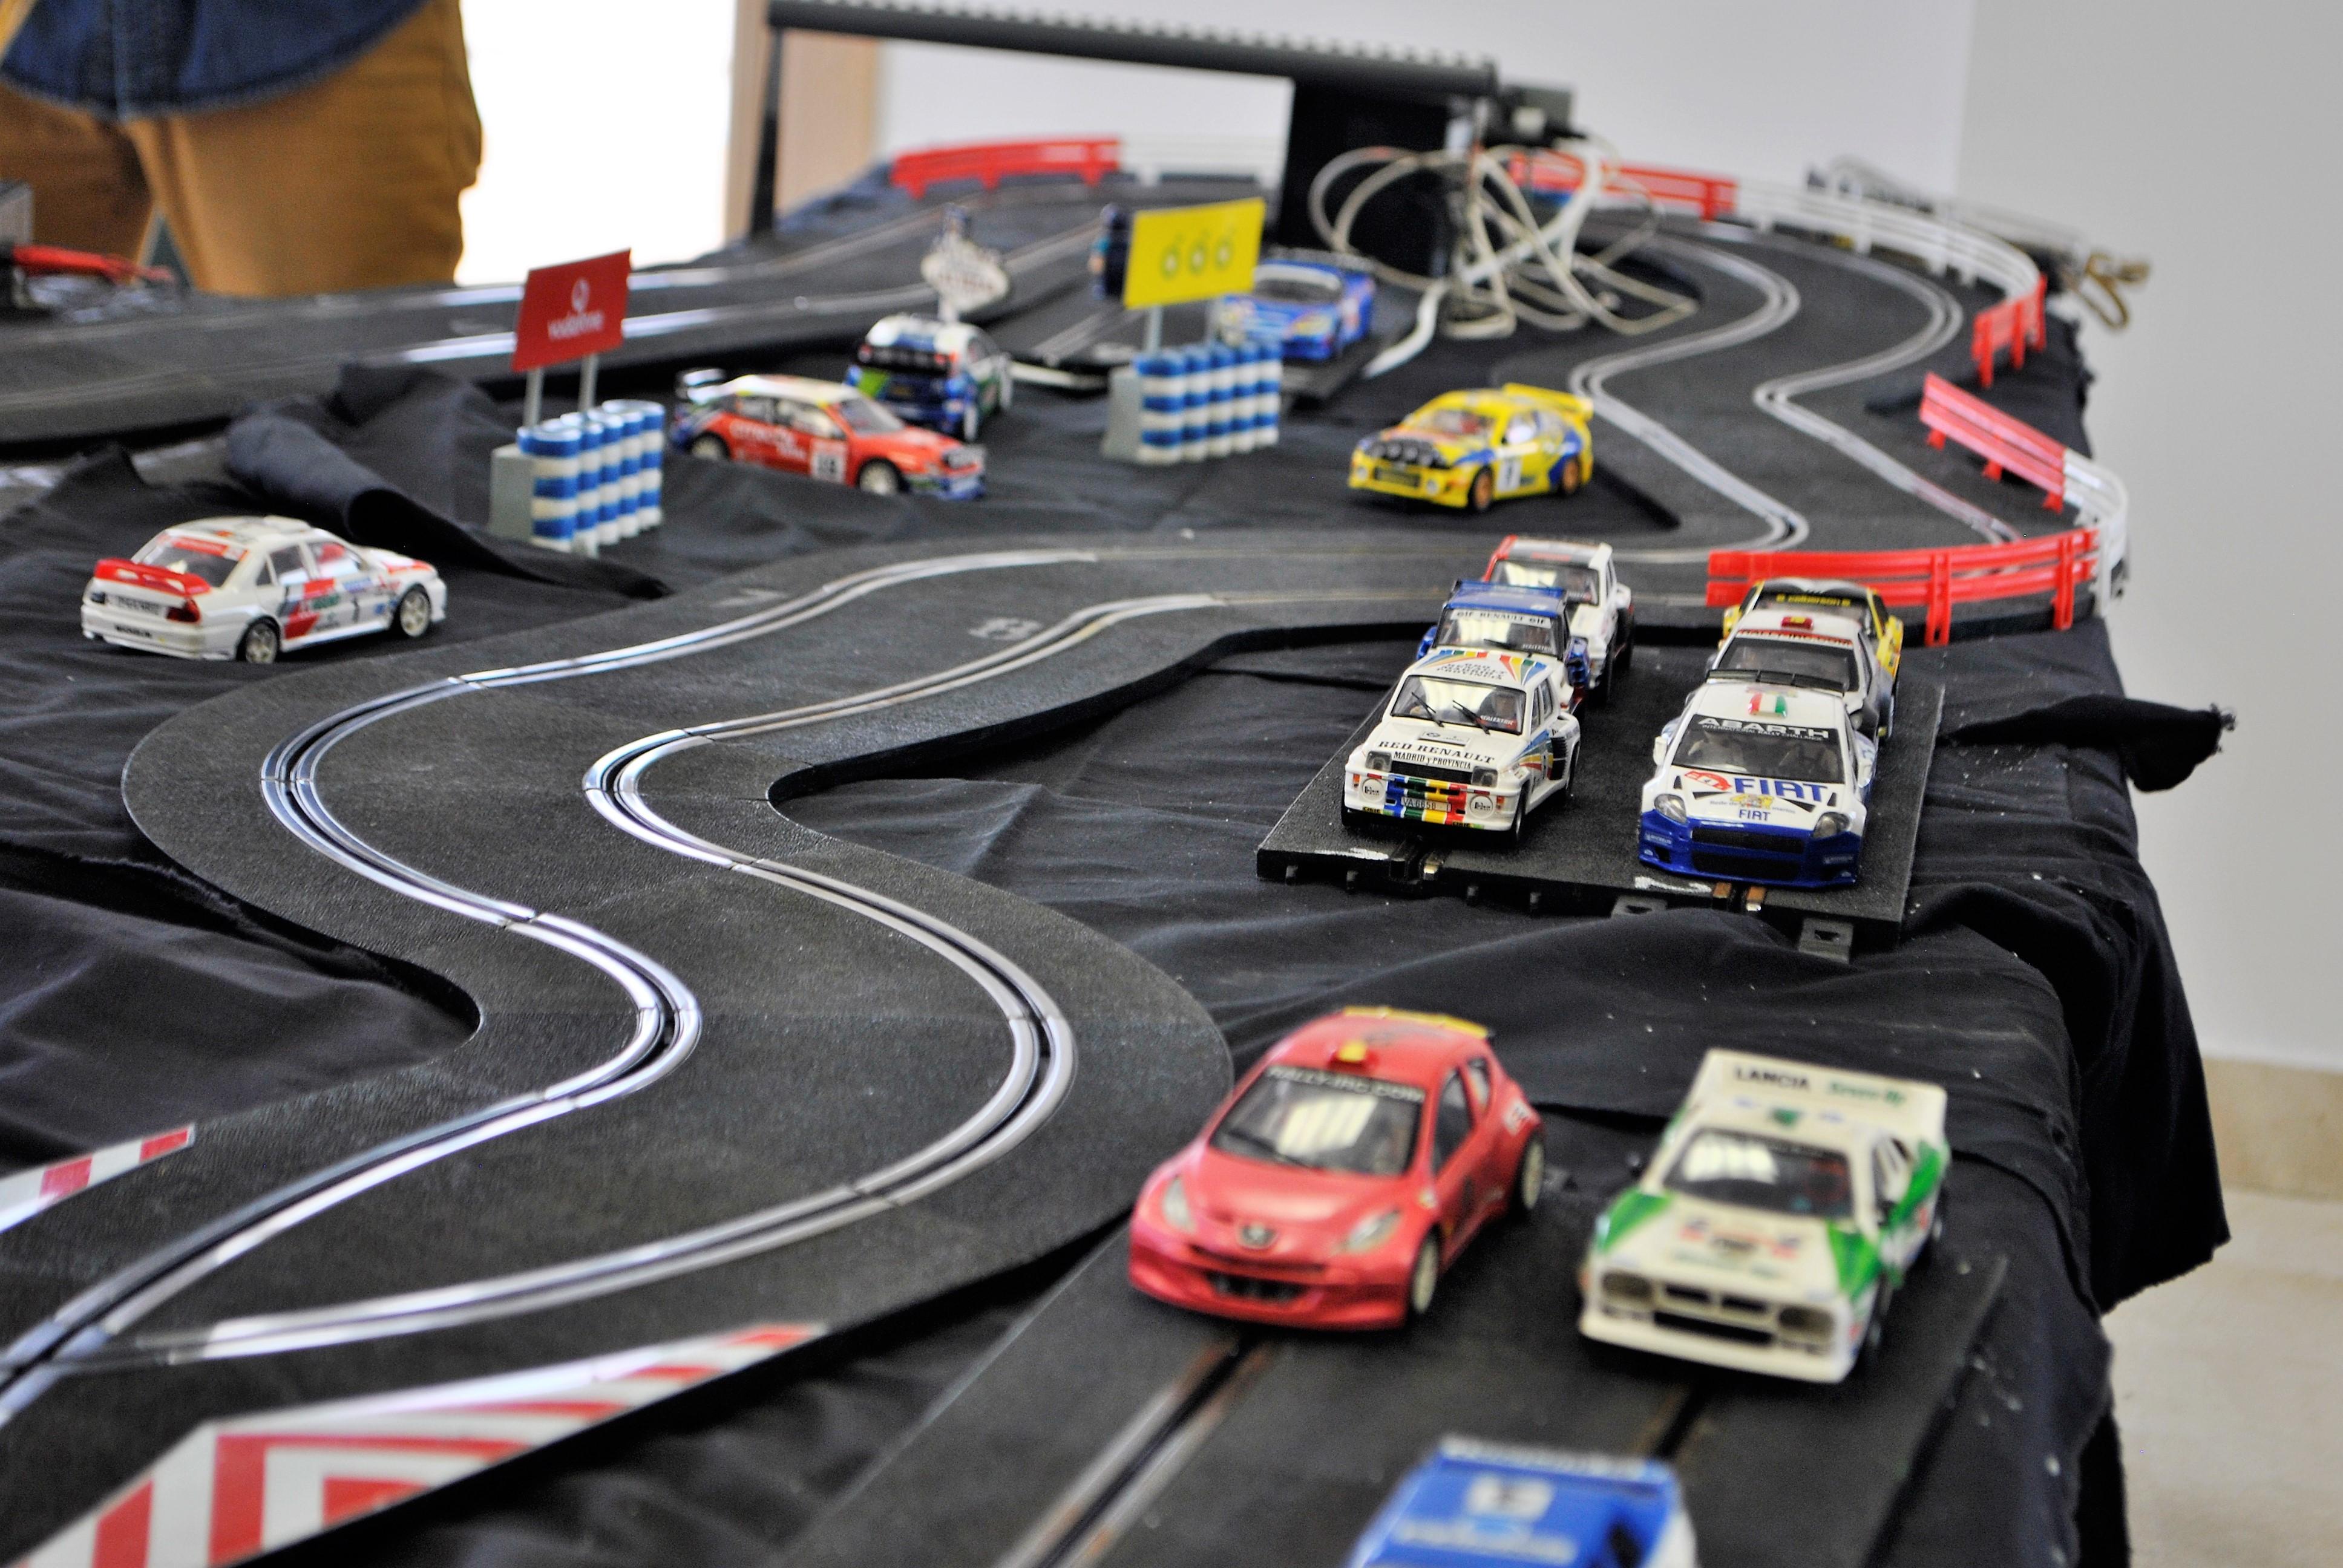 Una veintena de corredores disfrutan como niños en el I Campeonato de Rally Slot 'Estrella de Yebes'